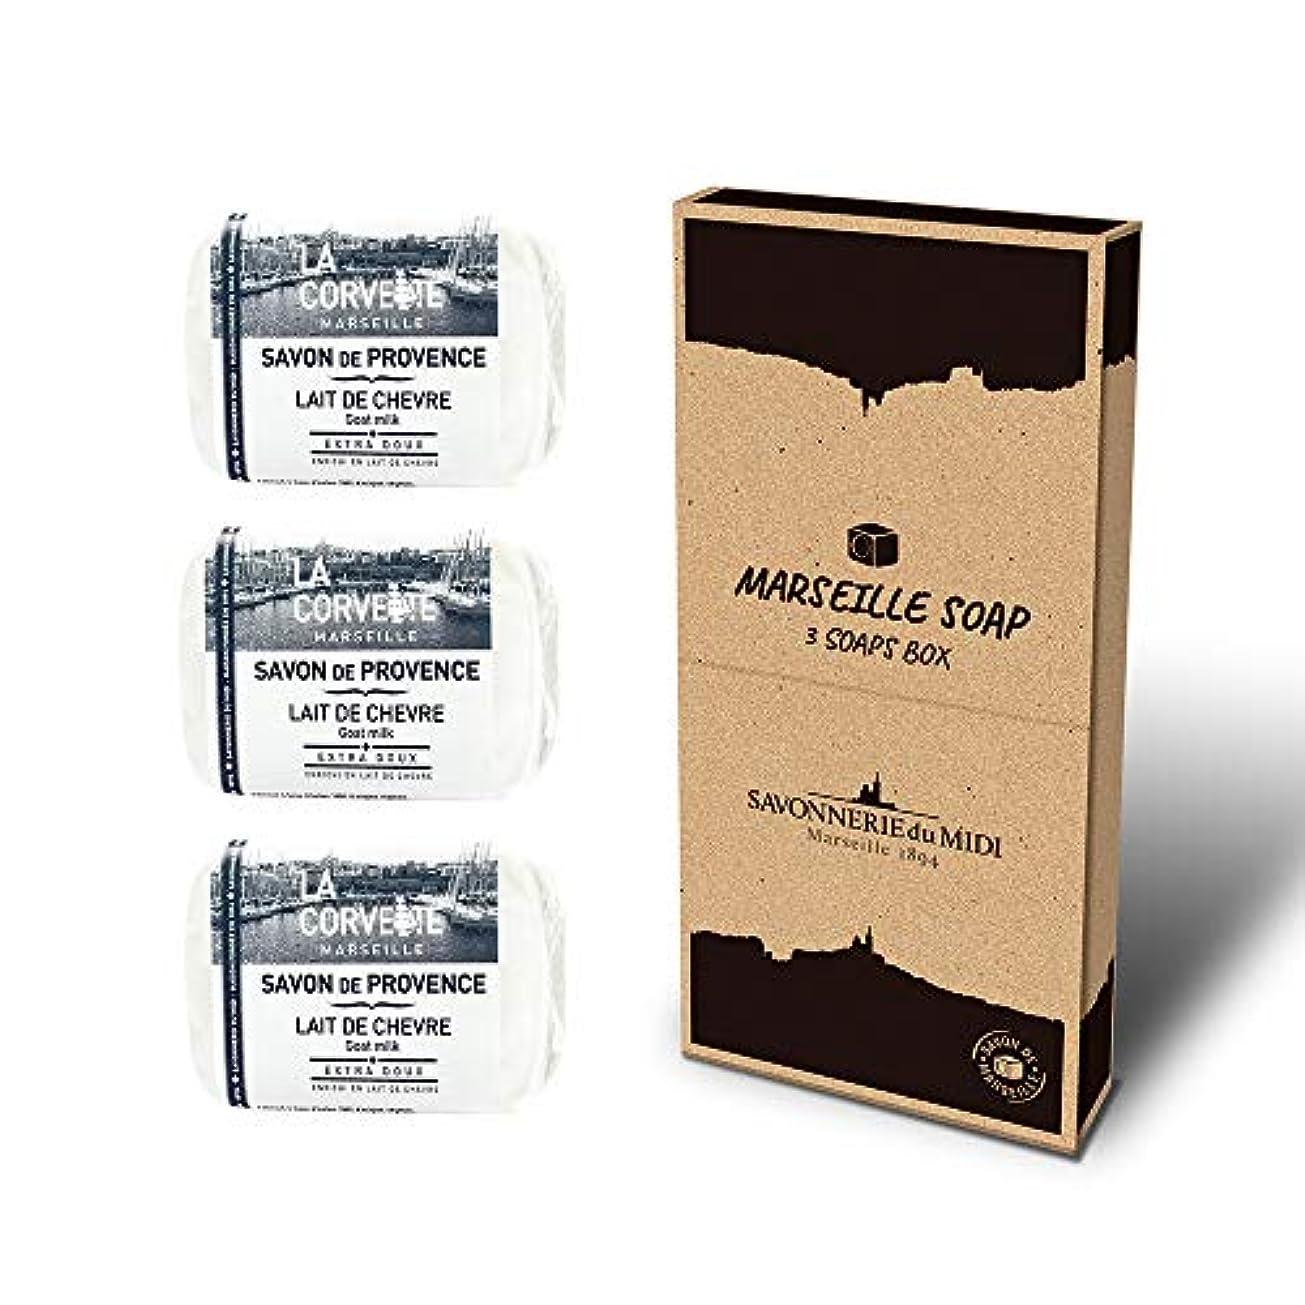 屋内で失効ドックマルセイユソープ 3Soaps BOX ゴートミルク